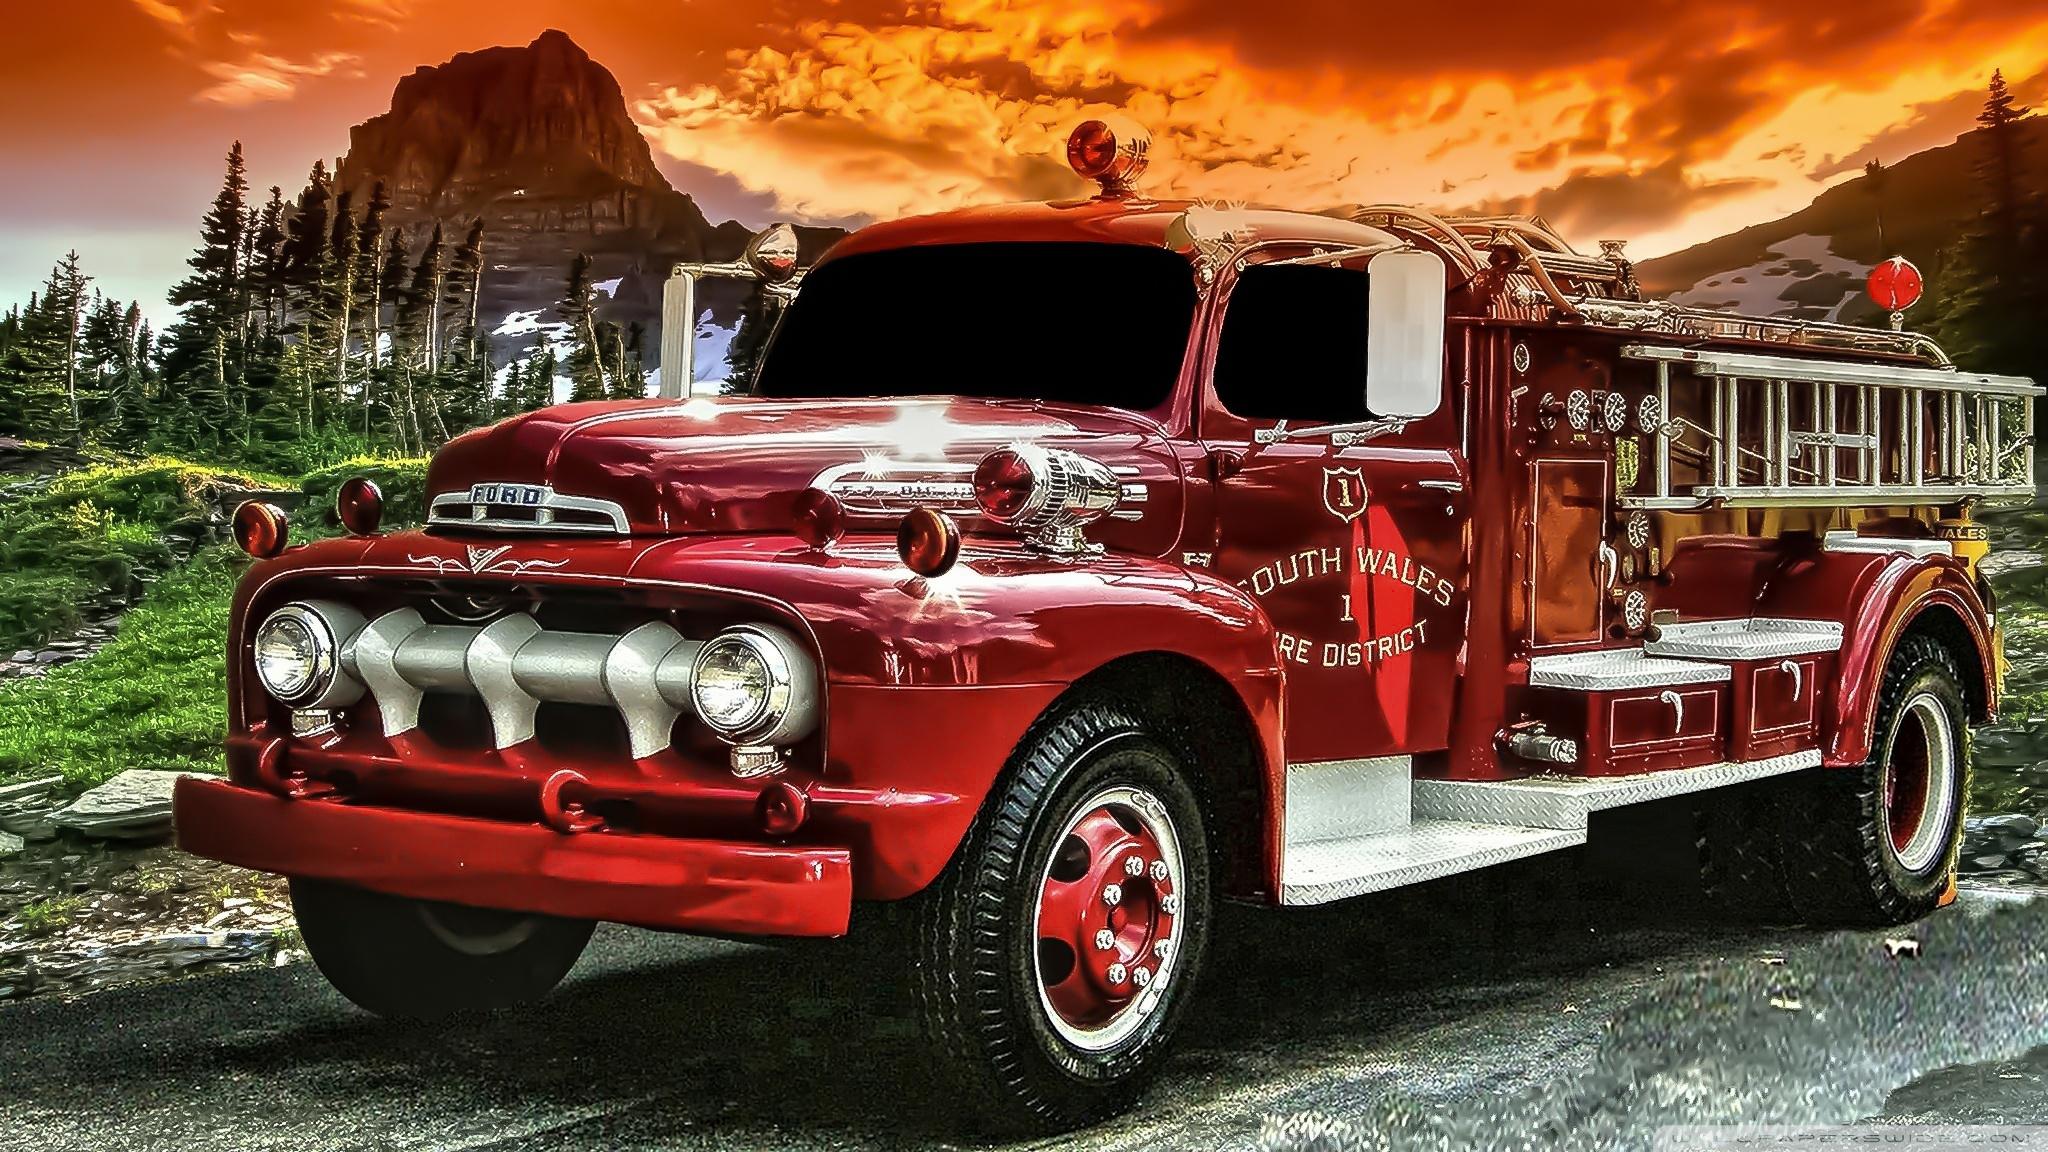 old fire truck ❤ 4k hd desktop wallpaper for 4k ultra hd tv